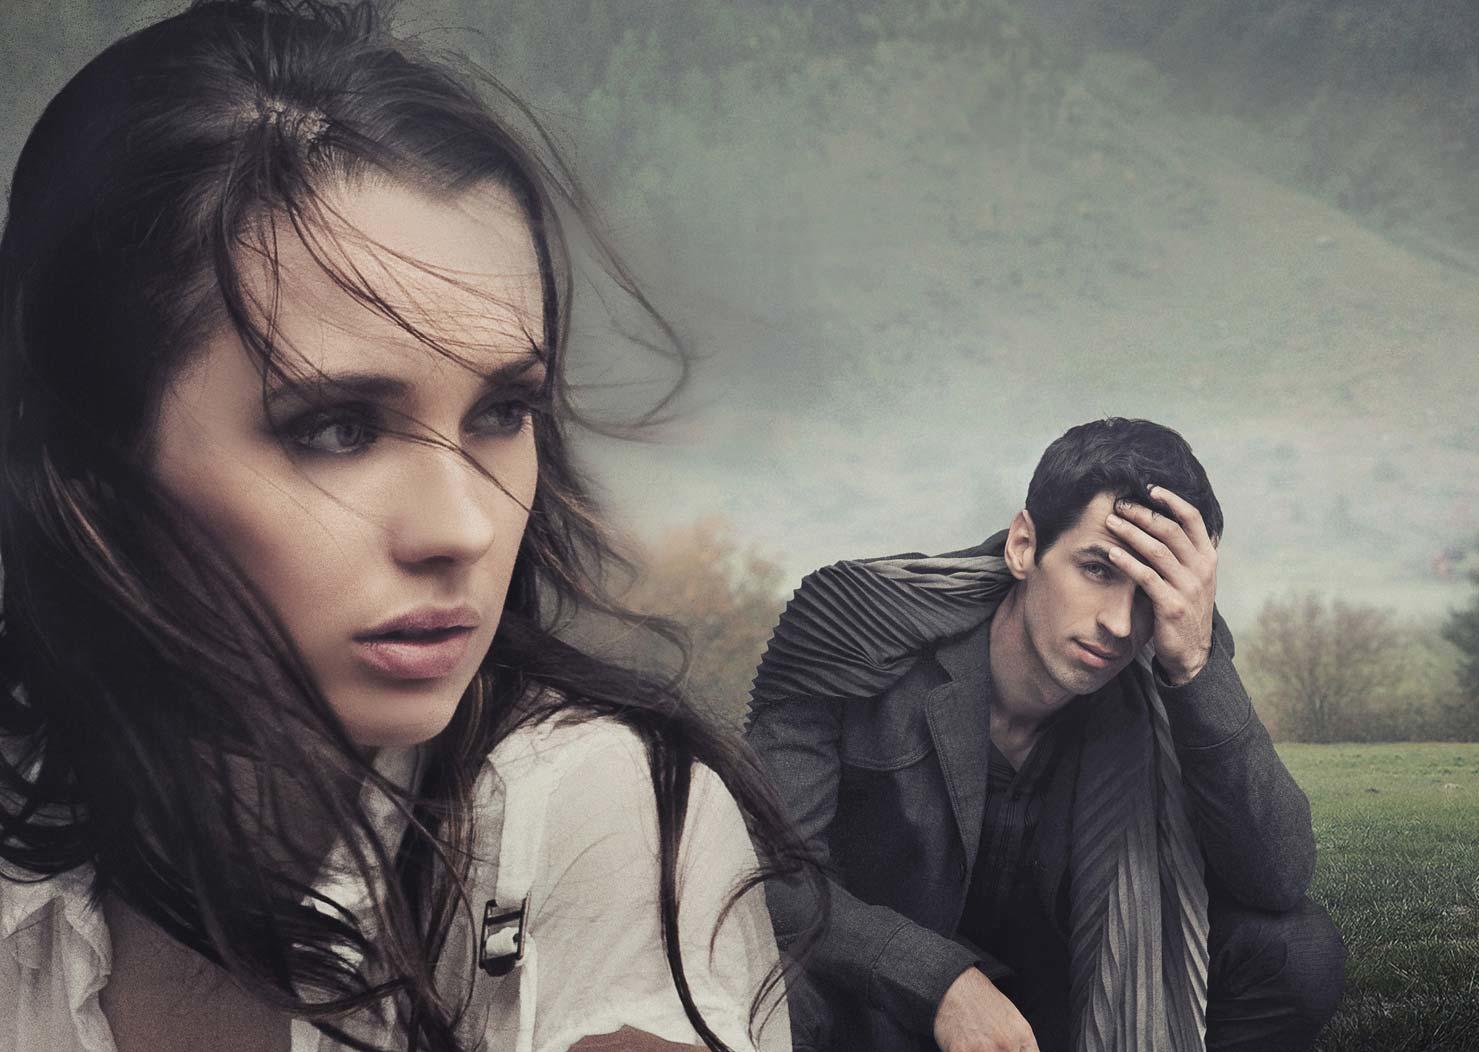 Красивые картинки о несчастной любви